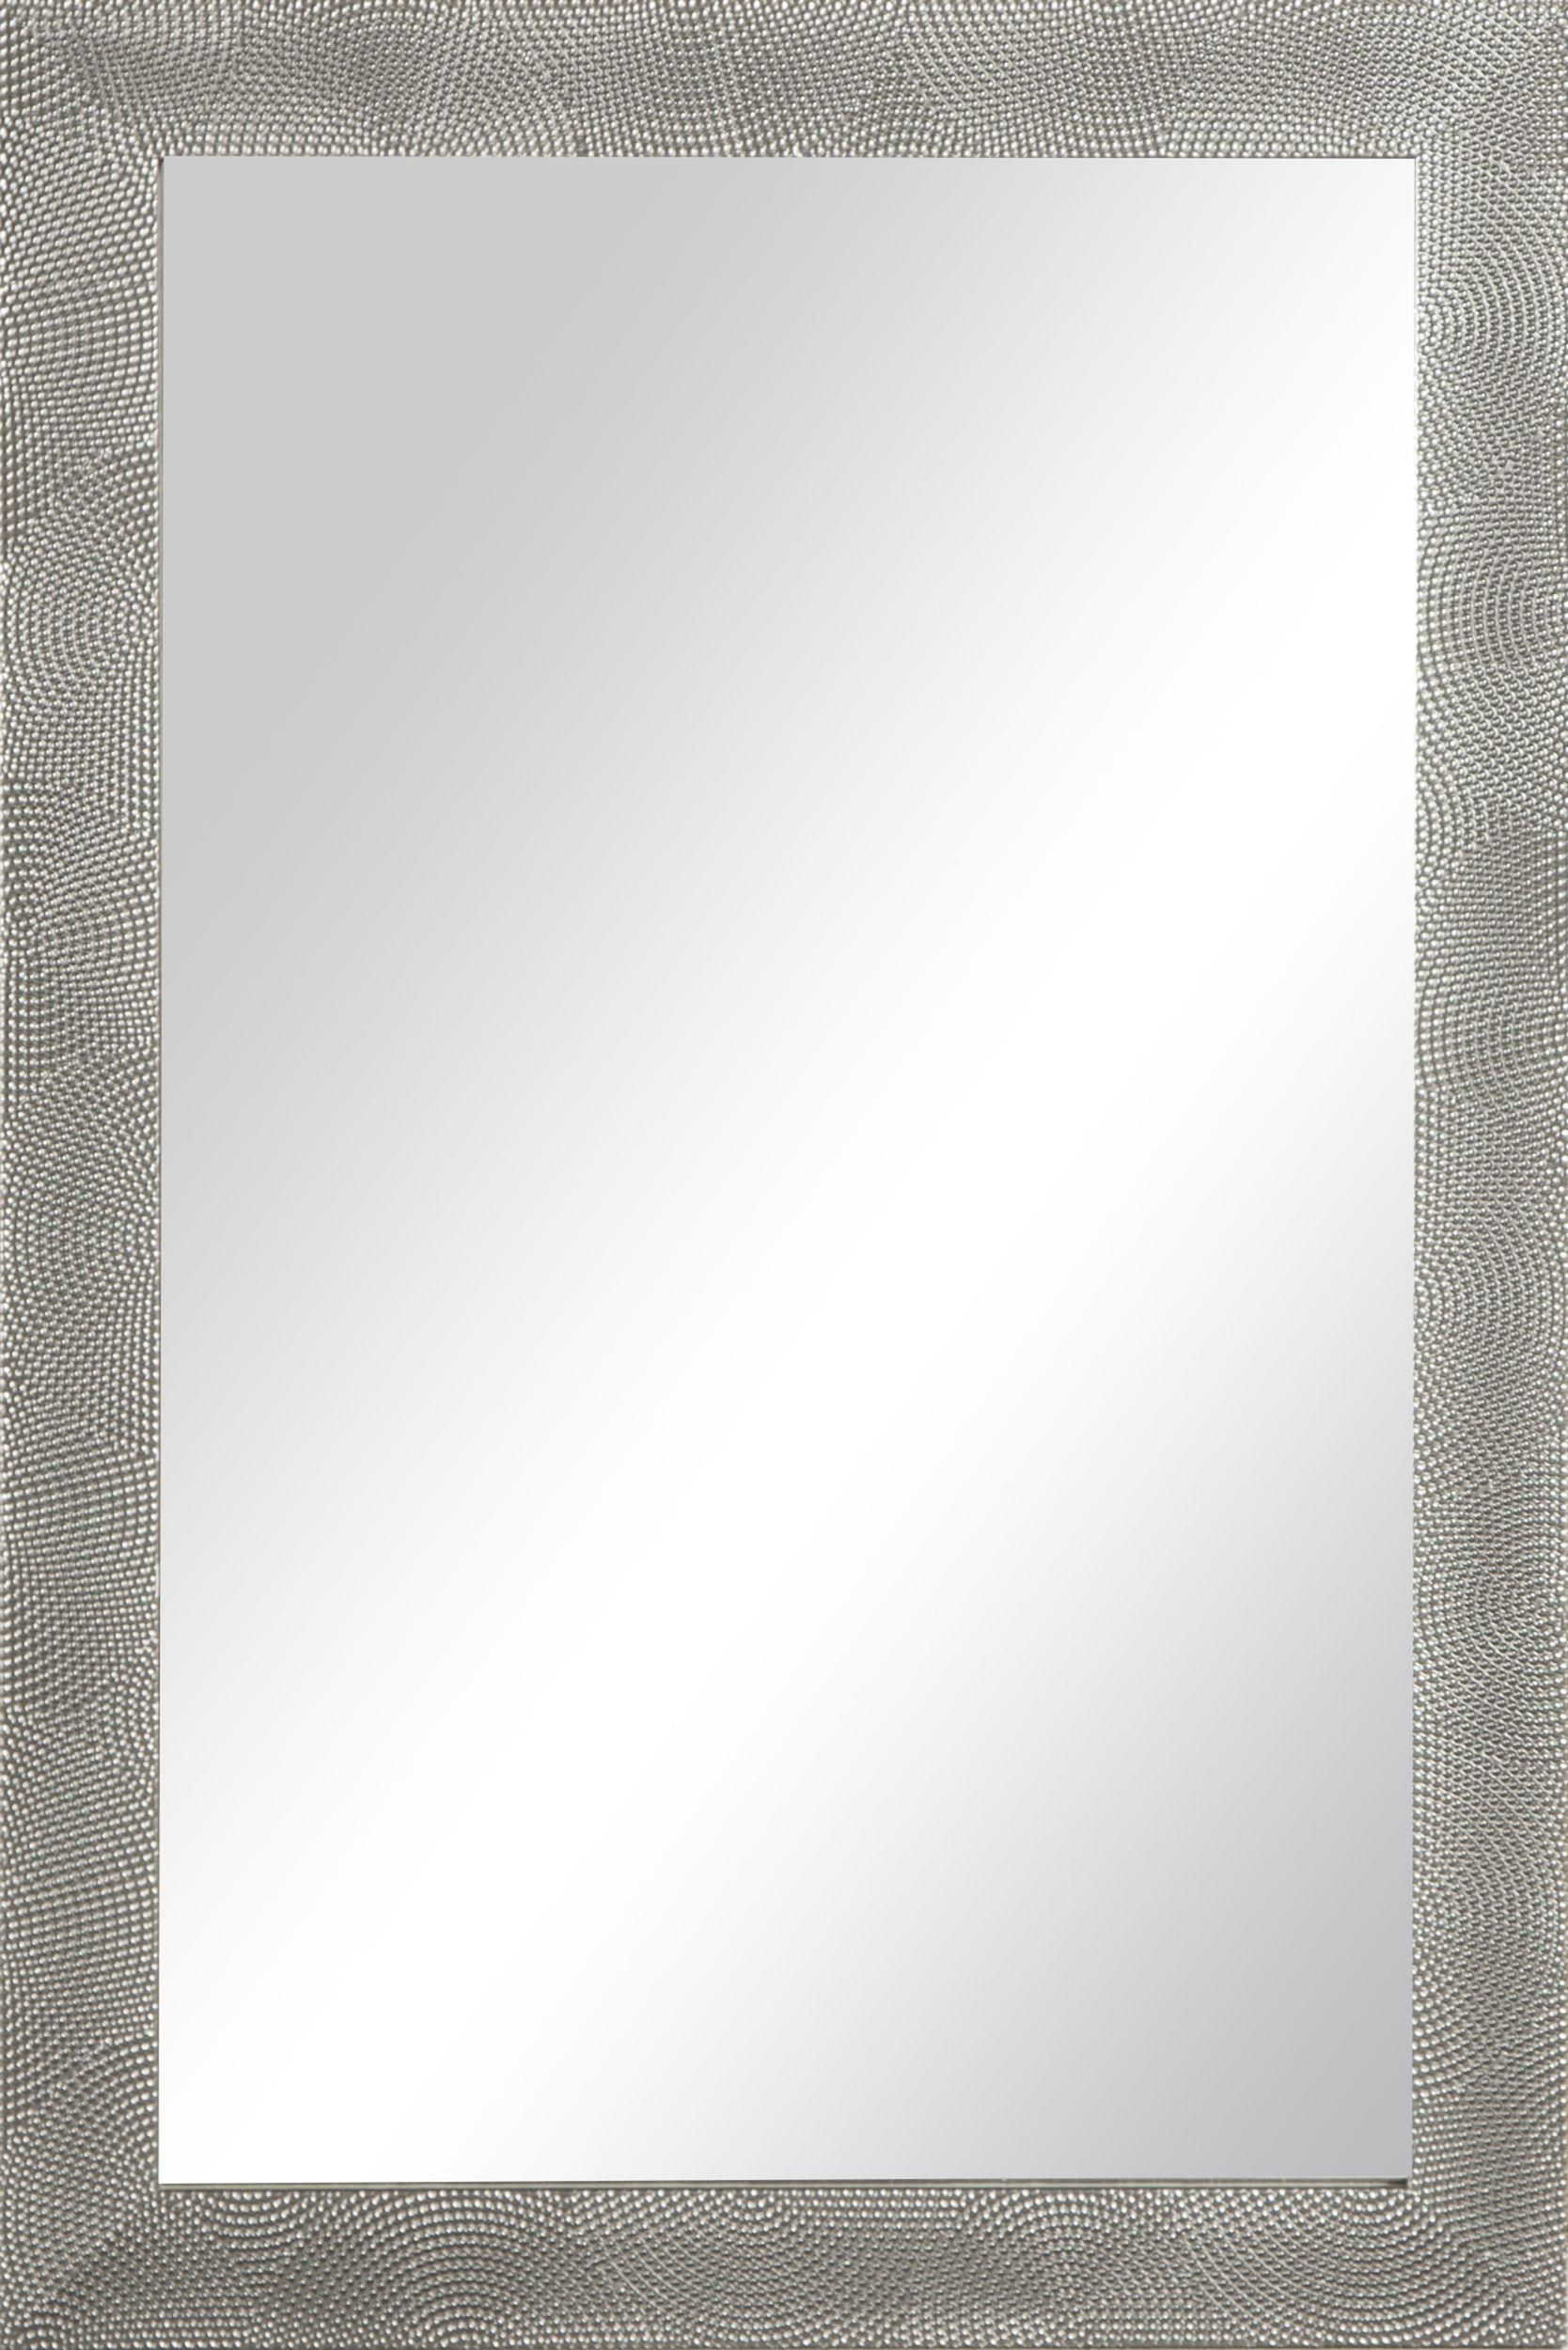 Rahmenspiegel 40x60cm MIA